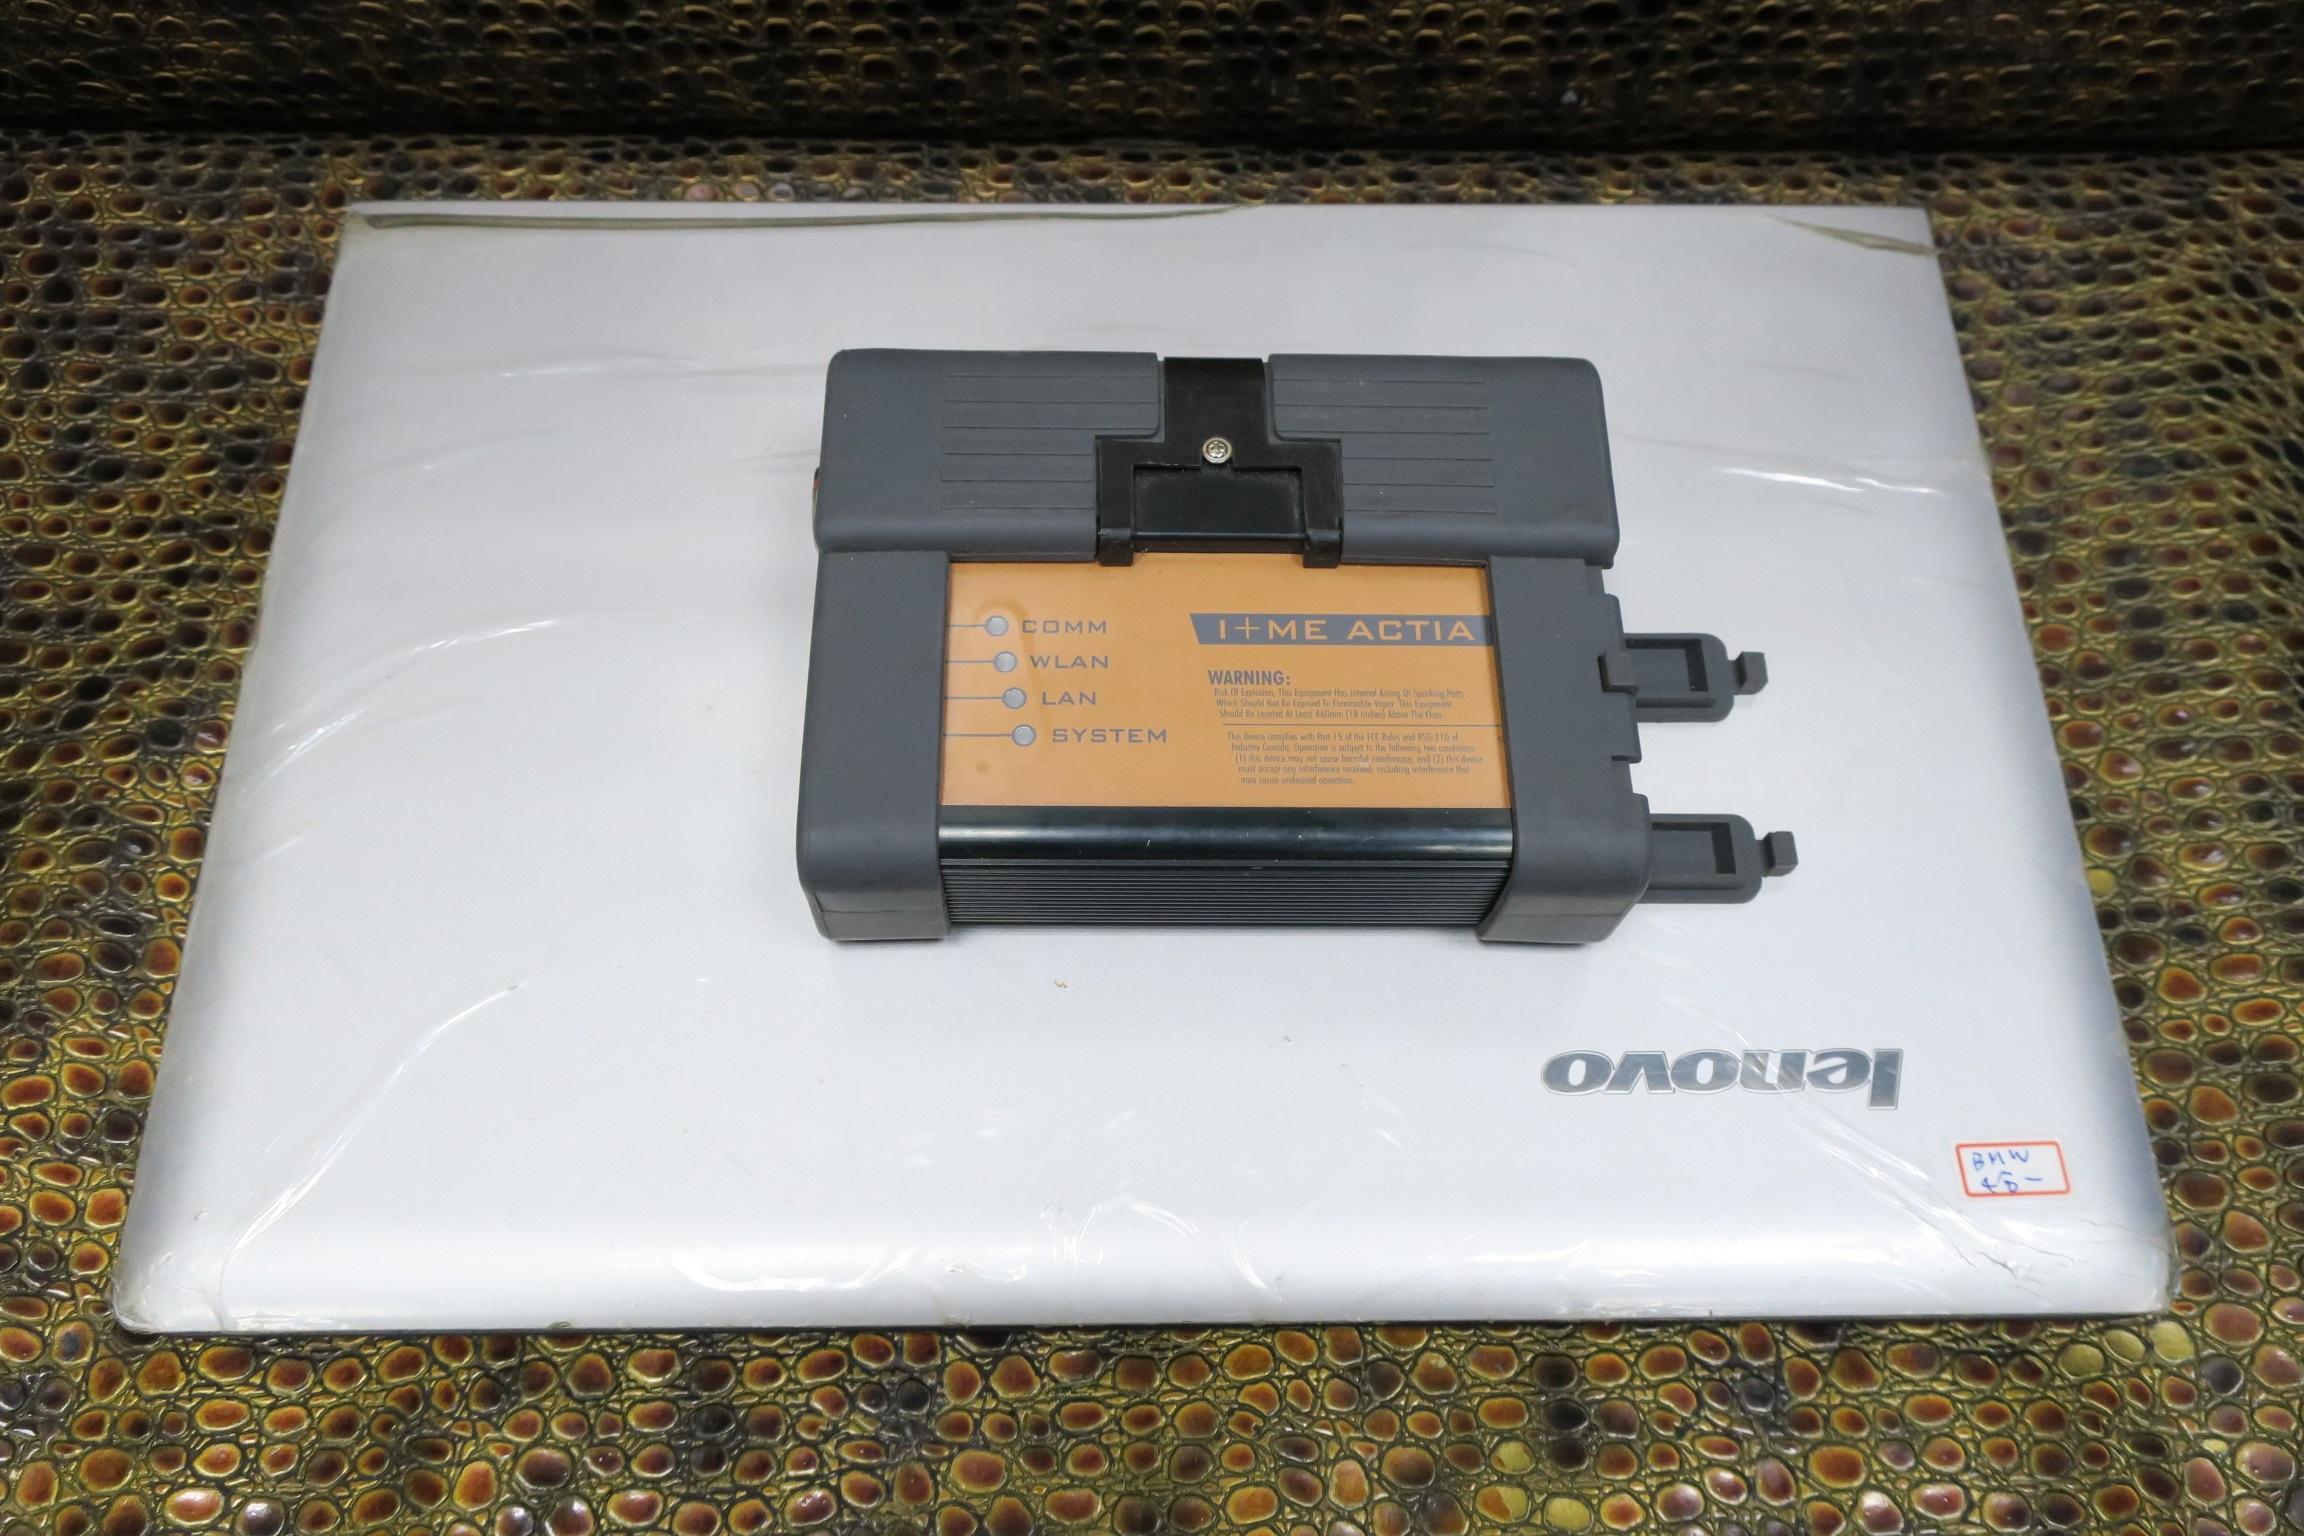 BMW原廠工程版專用診斷電腦系統。